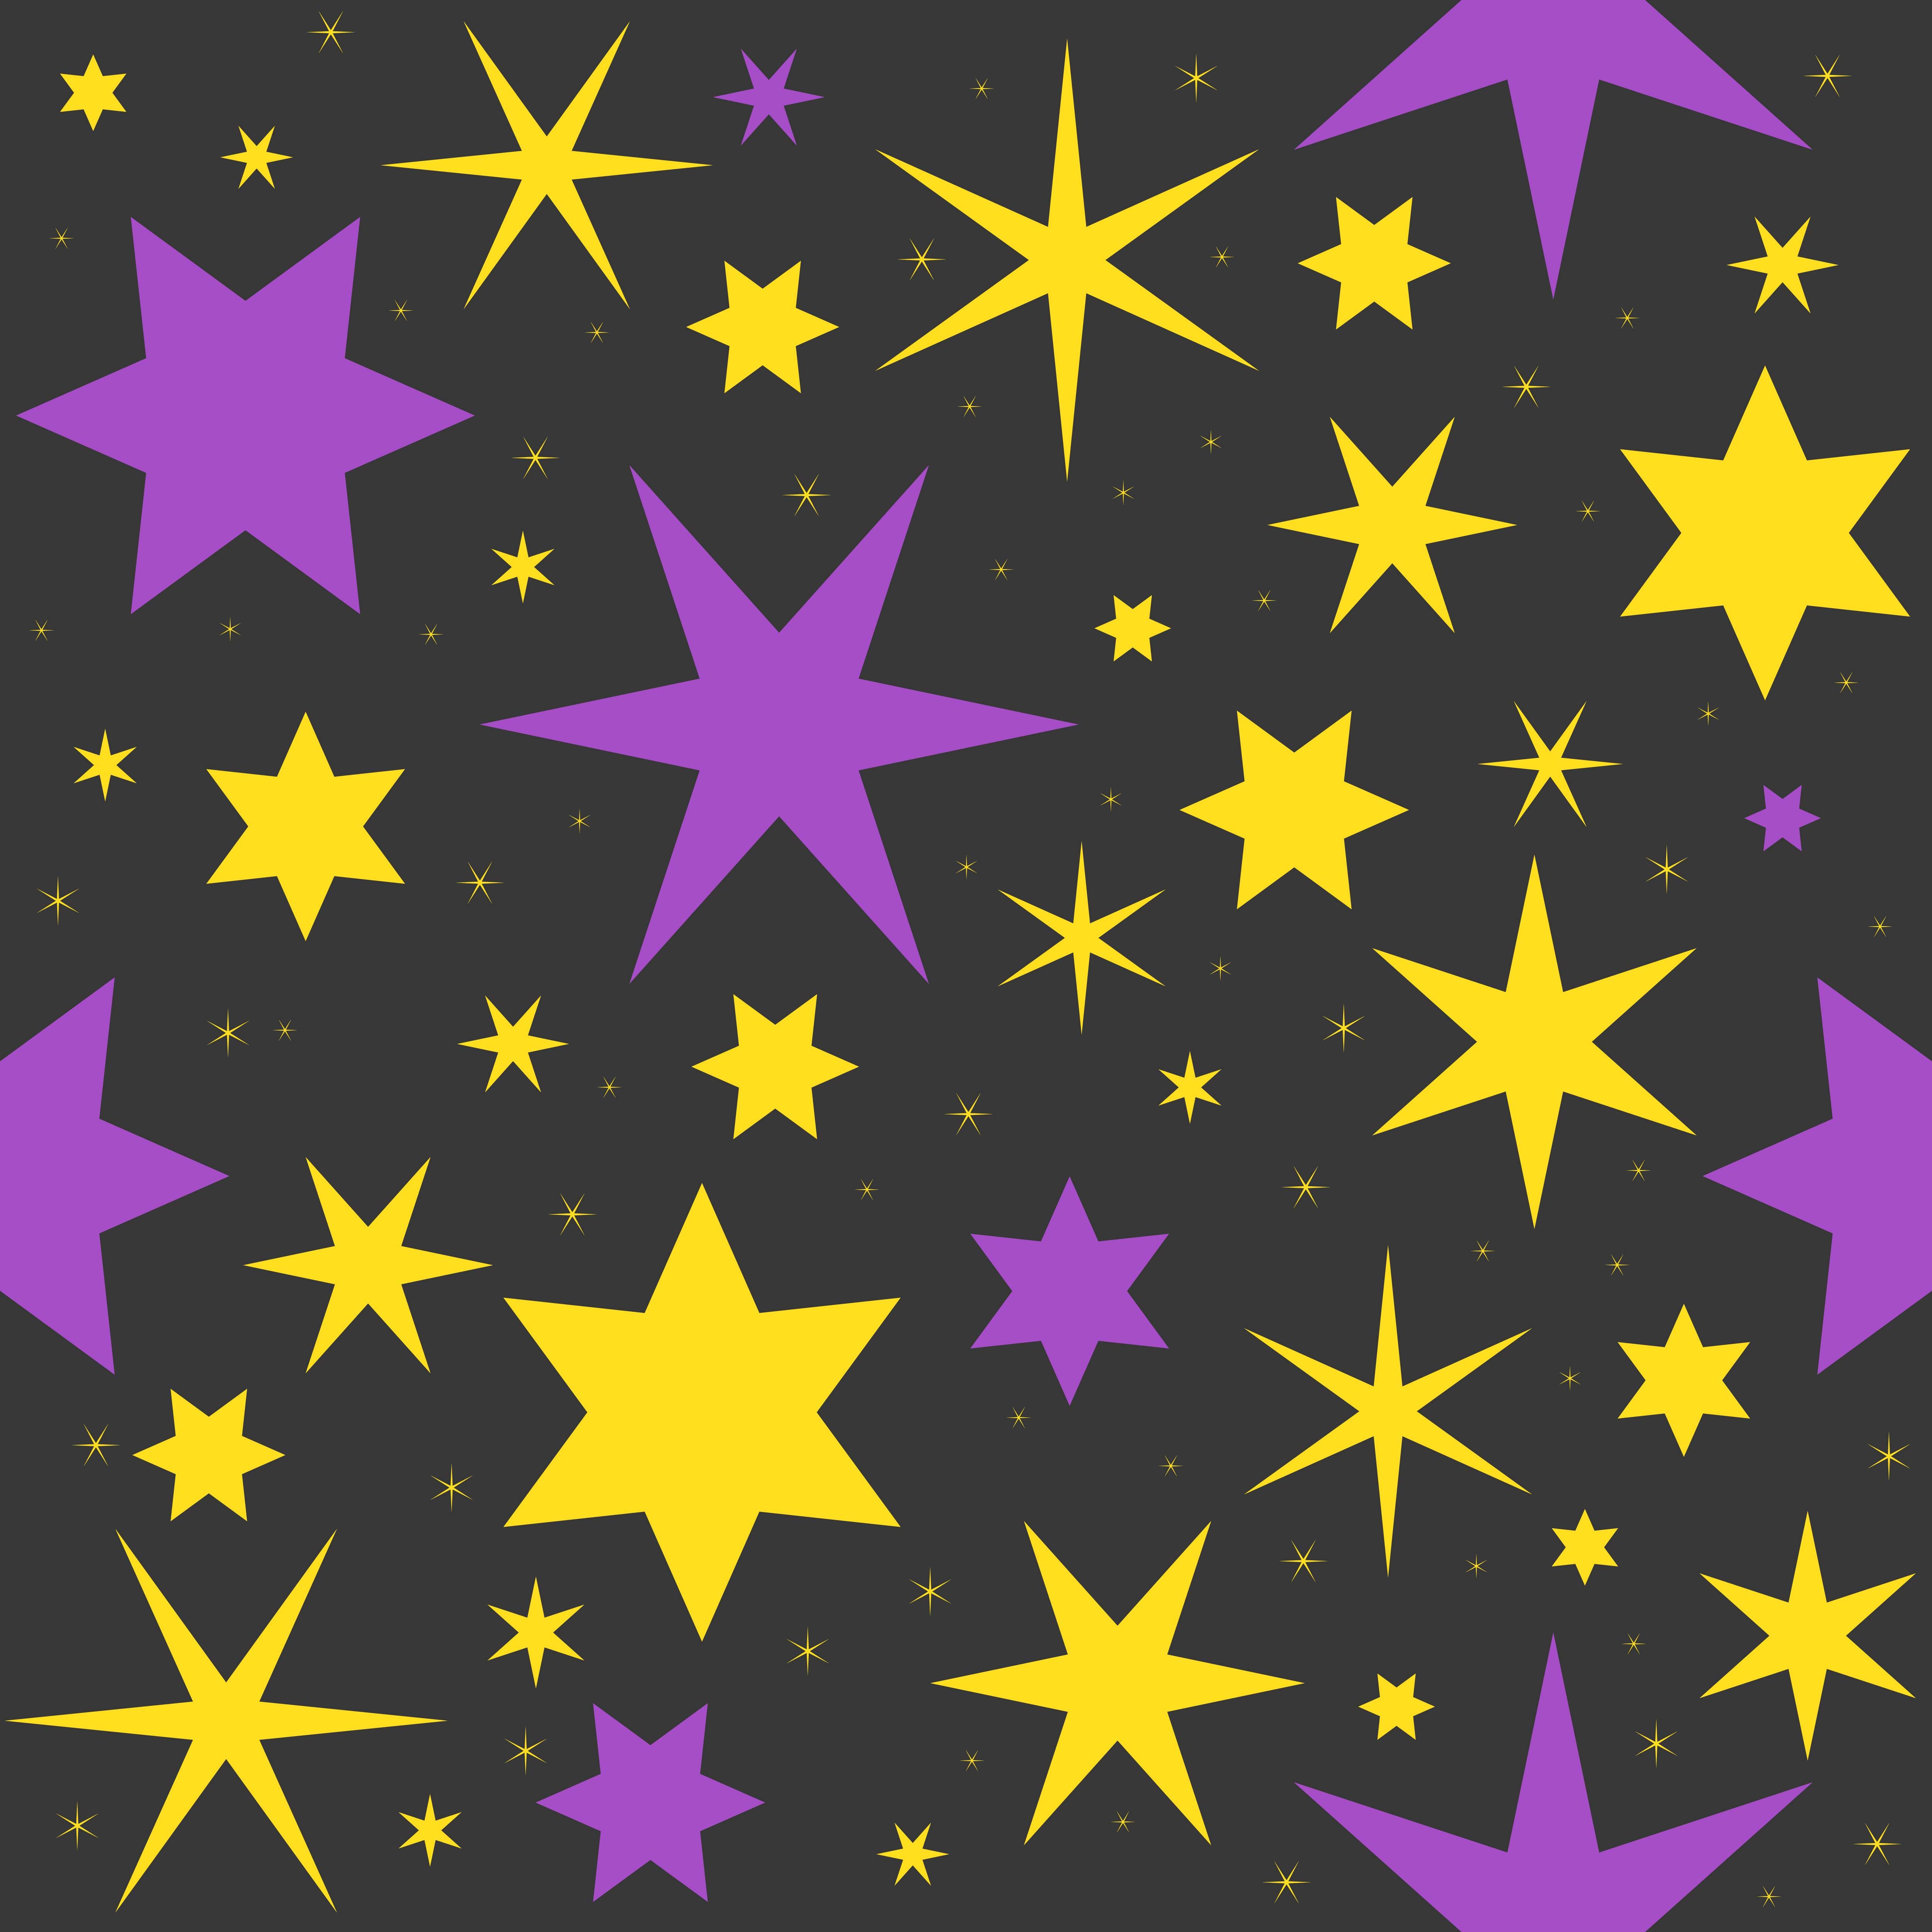 星星卡通 免費下載 | 天天瘋後製